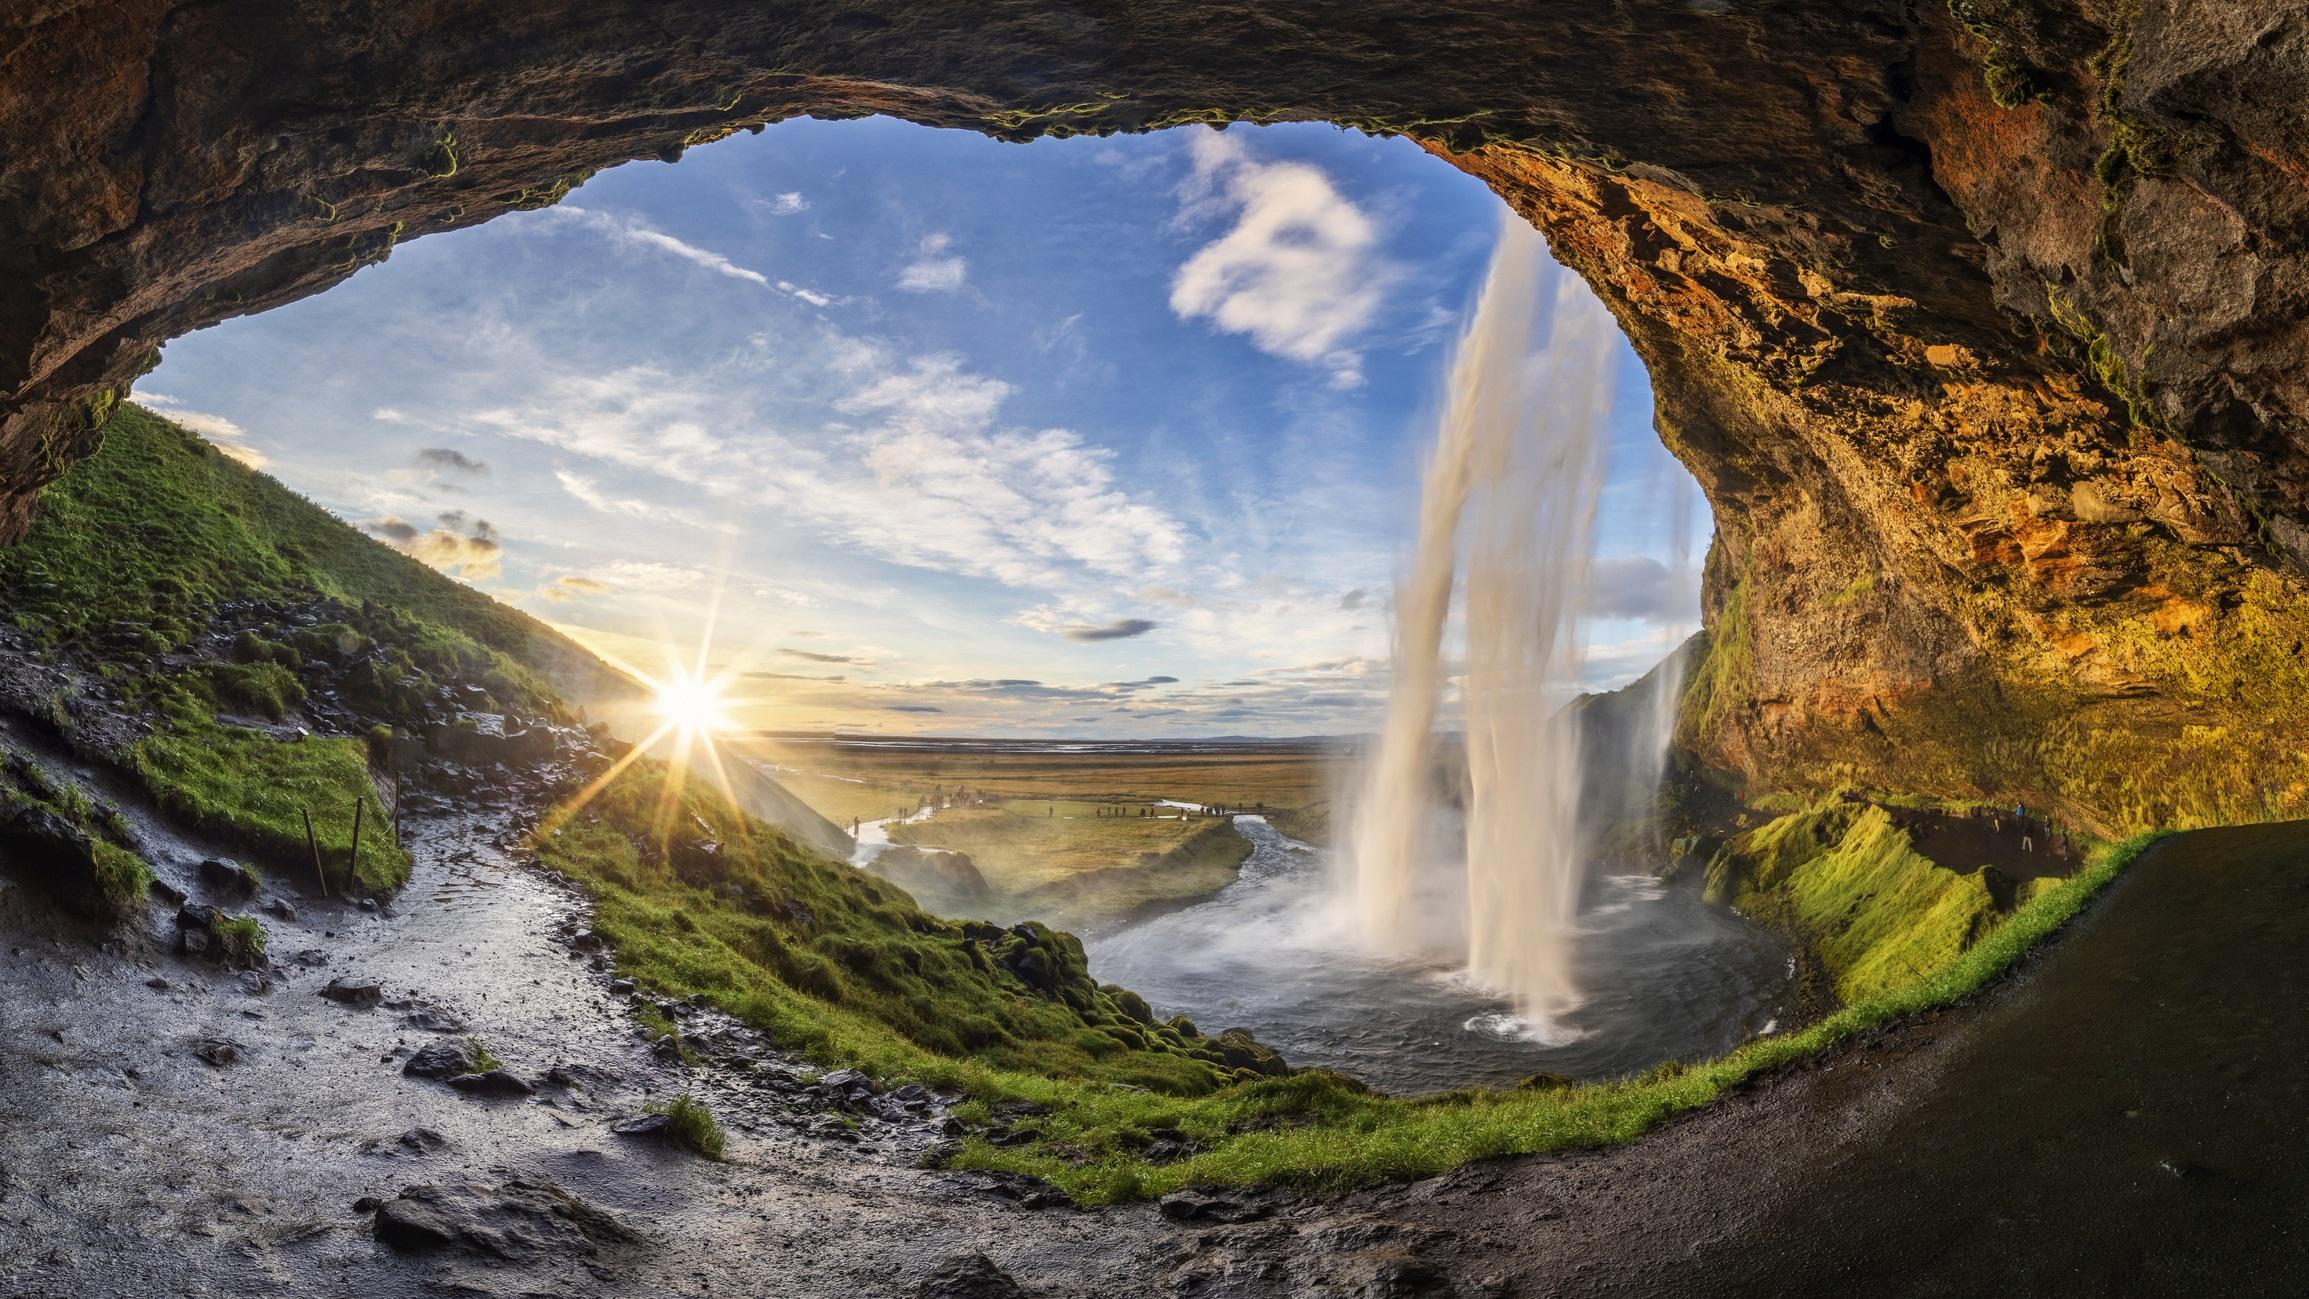 <p><strong>Селяландсфос, Исландия</strong></p>  <p>Селяландсфос в южната част на острова. Посетителите могат да минават зад него и да наблюдават местността през падащата от 66 метра височина водна каскада. Водопадът се намира по течението на река Селяландс.</p>